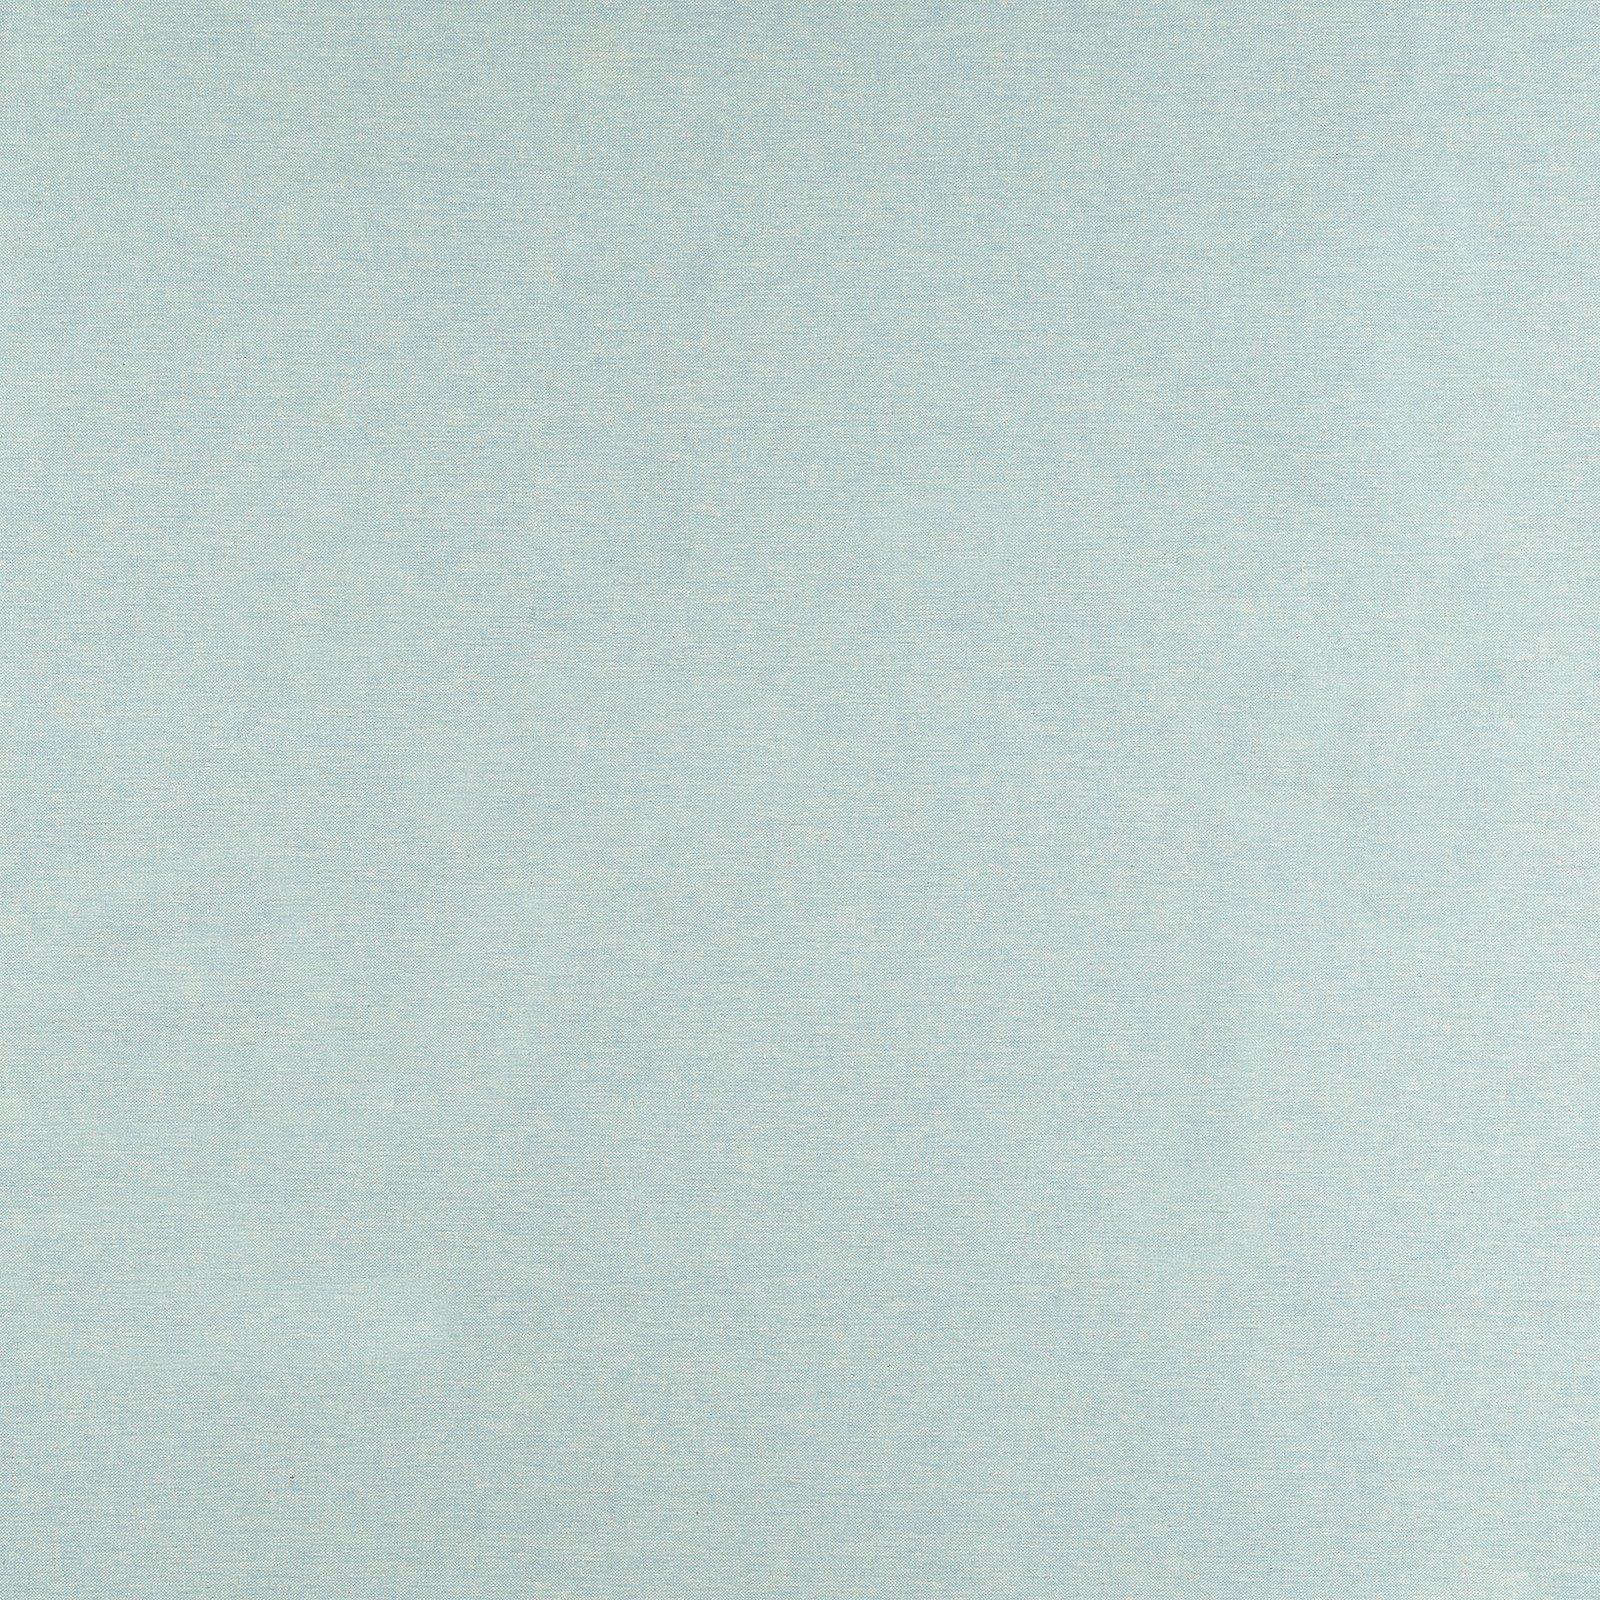 Textilwachstuch Leinenlook Hellblau 872302_pack_solid